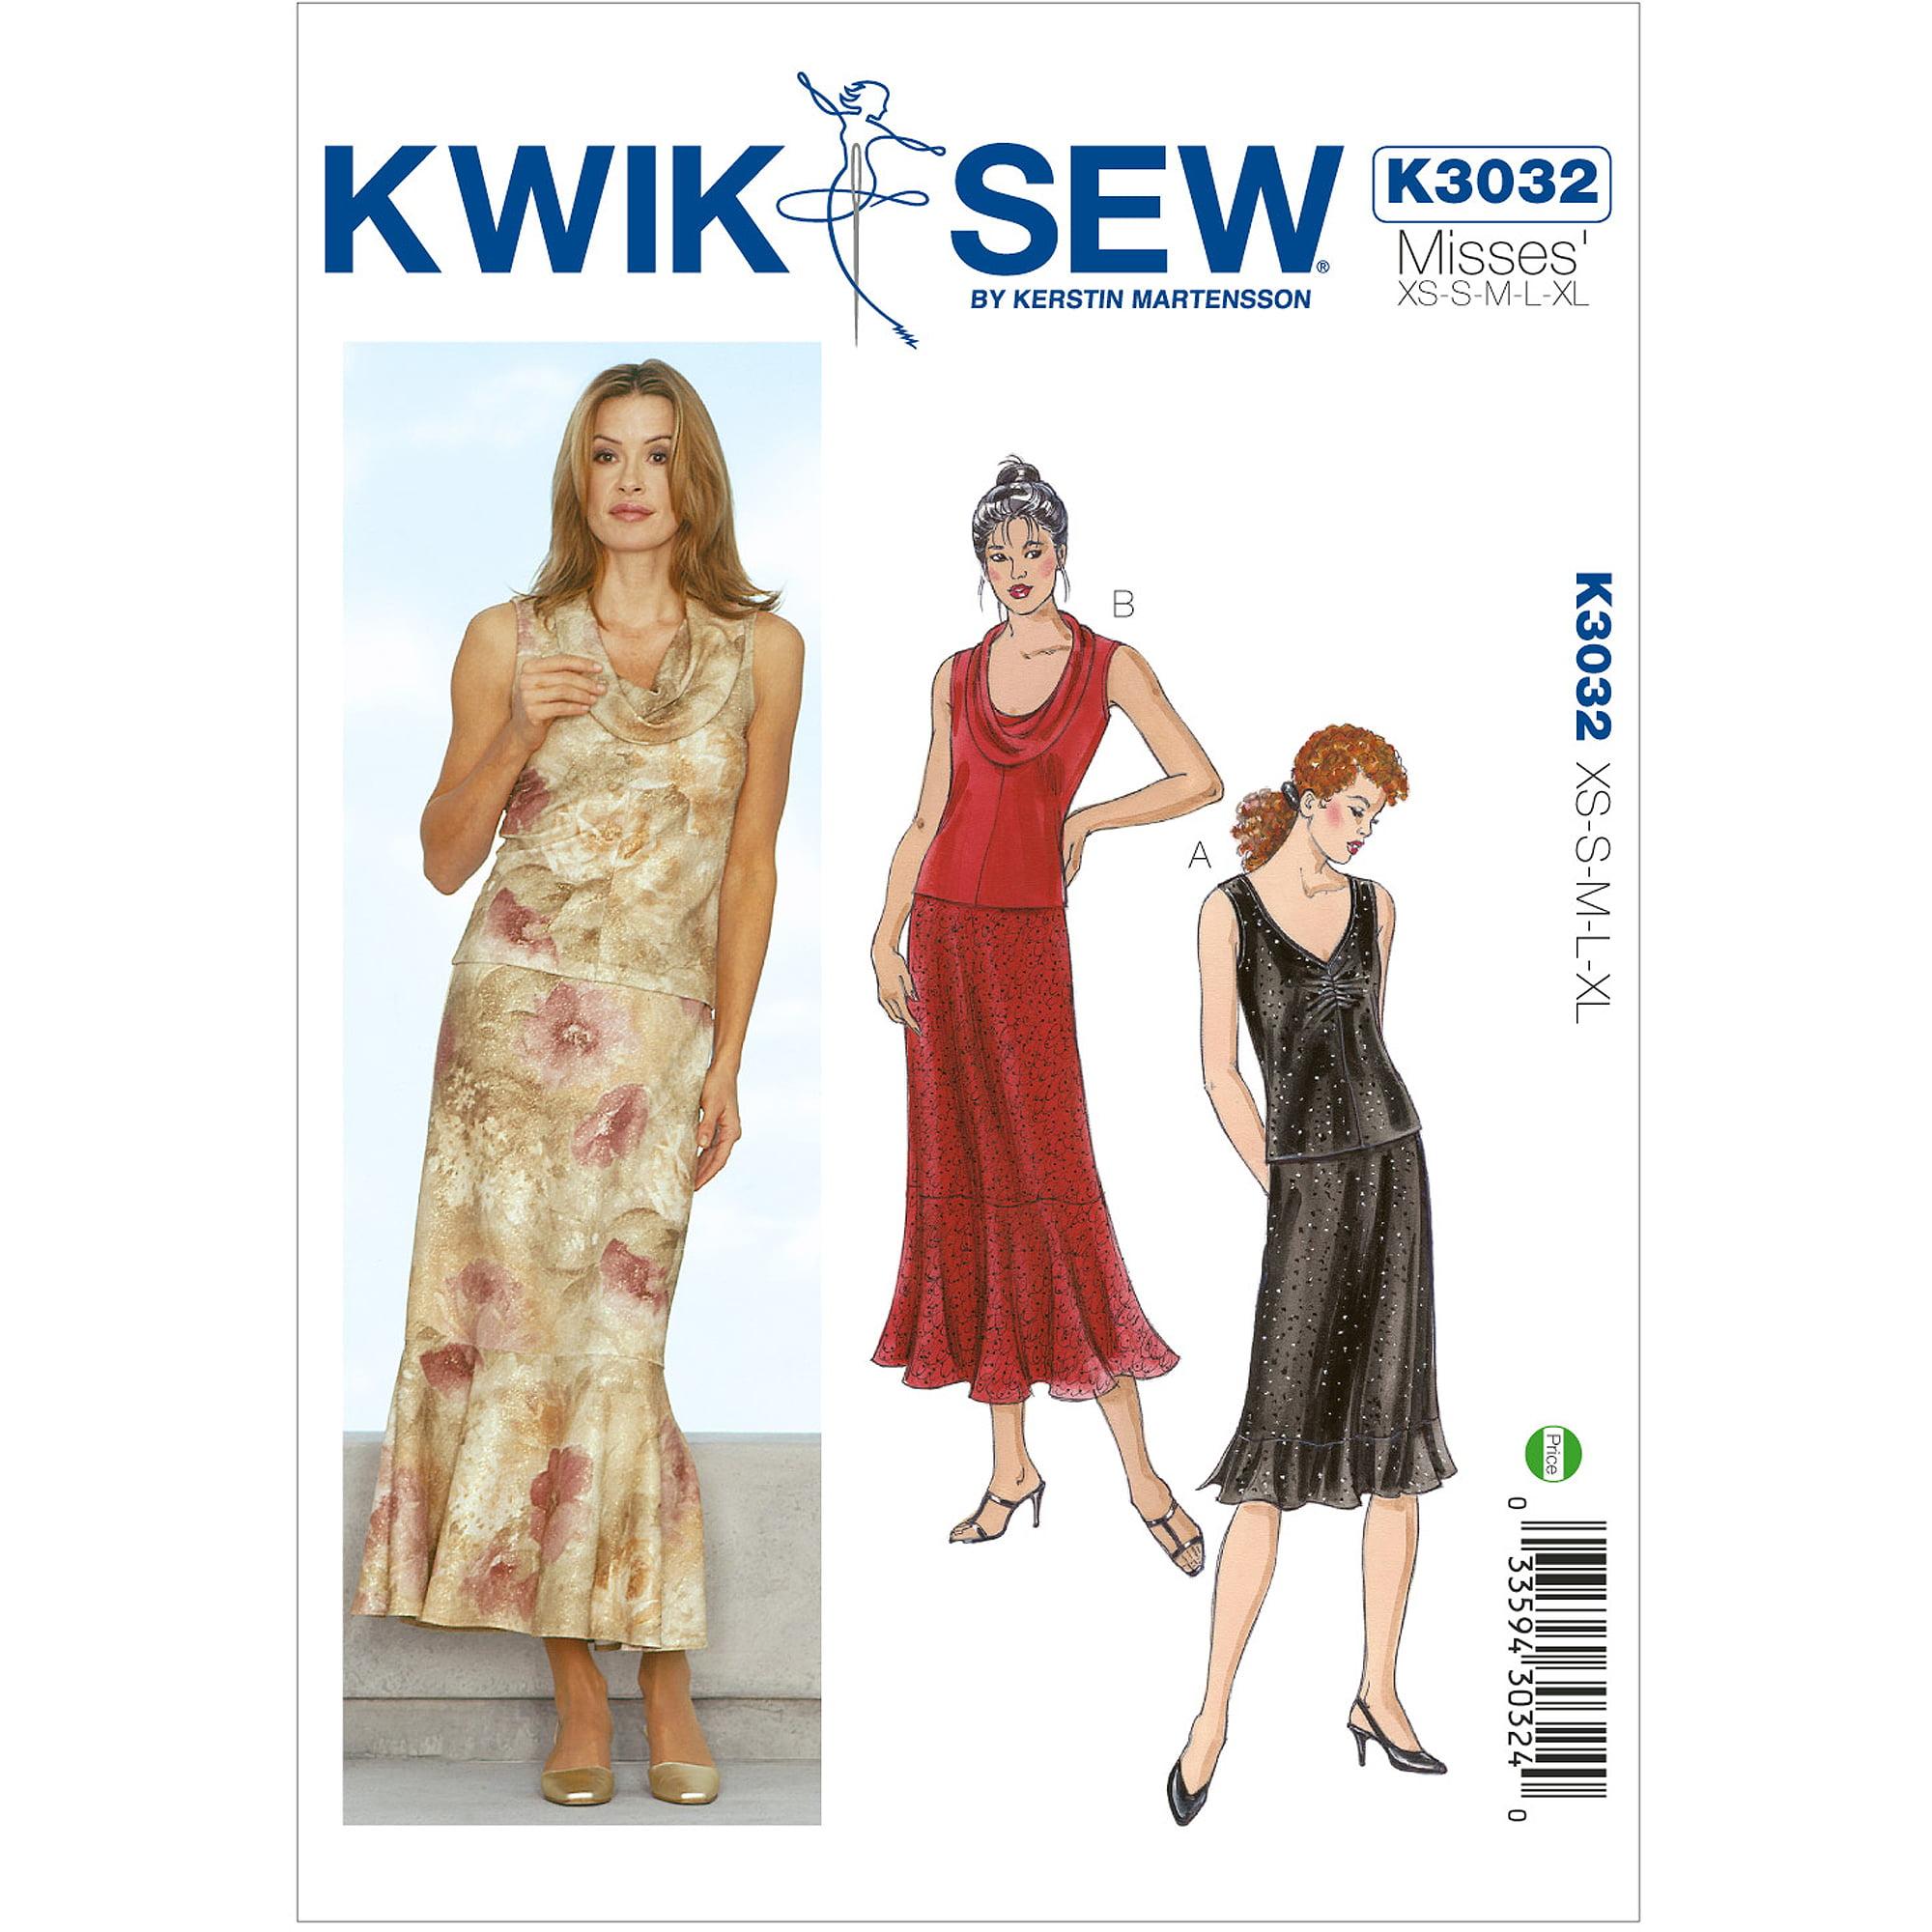 Kwik Sew Pattern Tops and Skirts, (XS, S, M, L, XL)